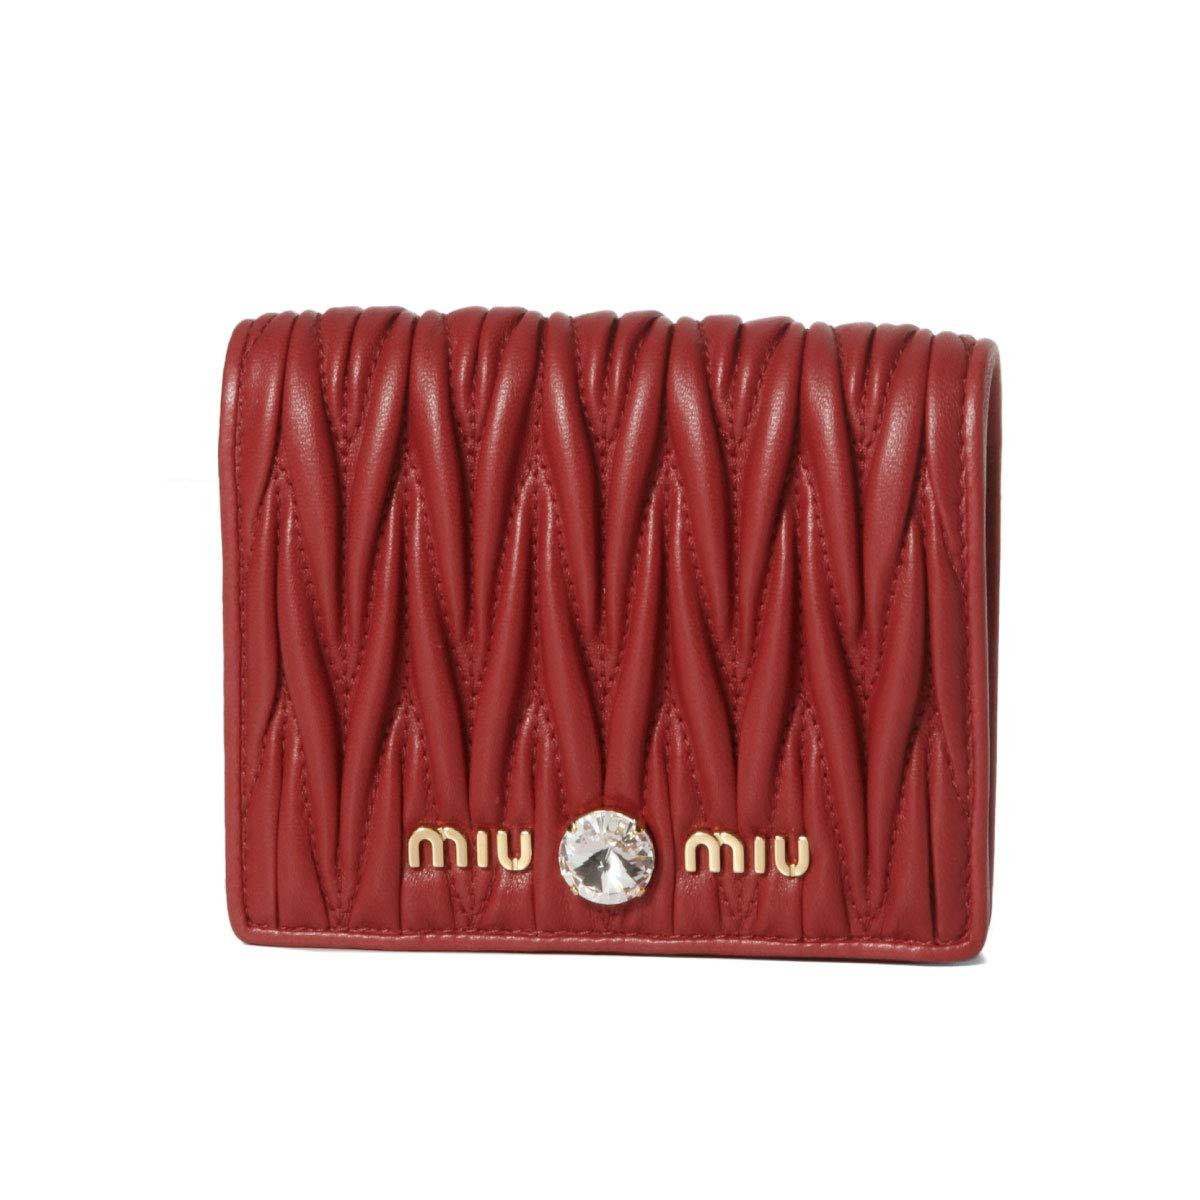 (ミュウ ミュウ) MIU MIU 二つ折り財布 MATELASSE CRYST レッド 5MV204 2B9G F068Z [並行輸入品] B07RRZVXP4